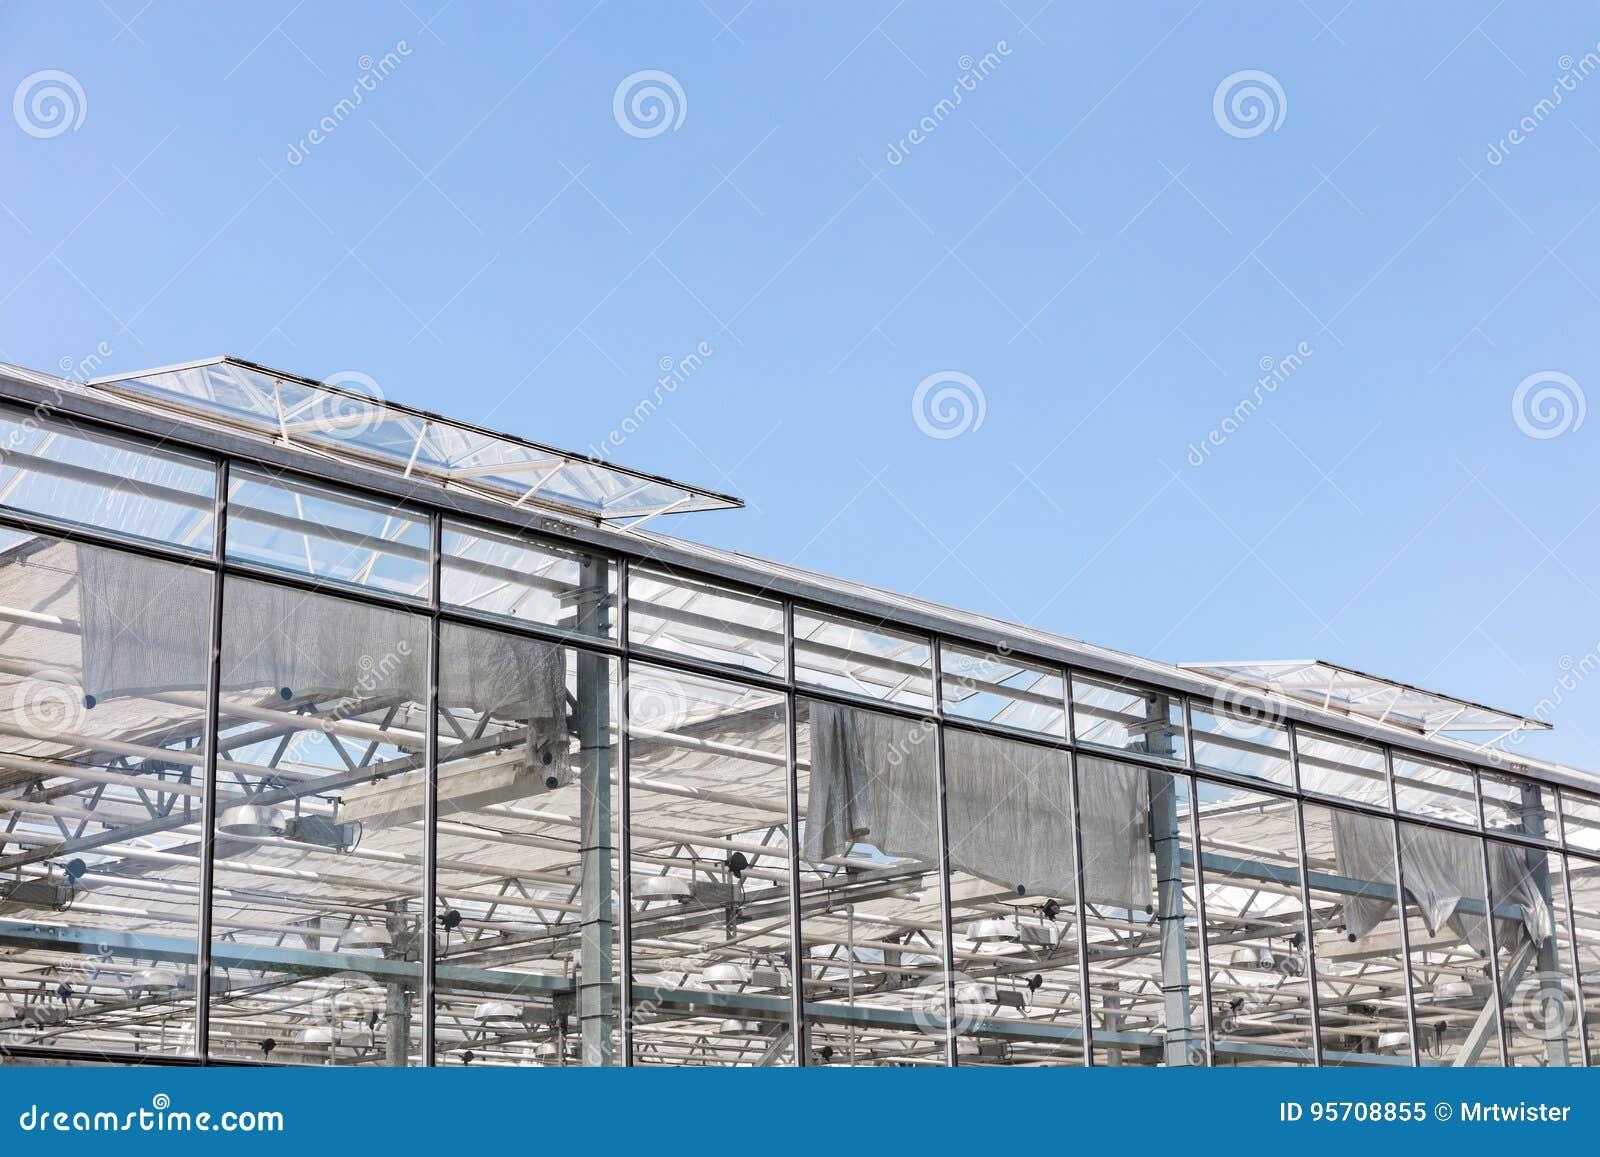 Gewachshaus Mit Offenen Fenstern Fur Beluftung Gegen Blauen Himmel